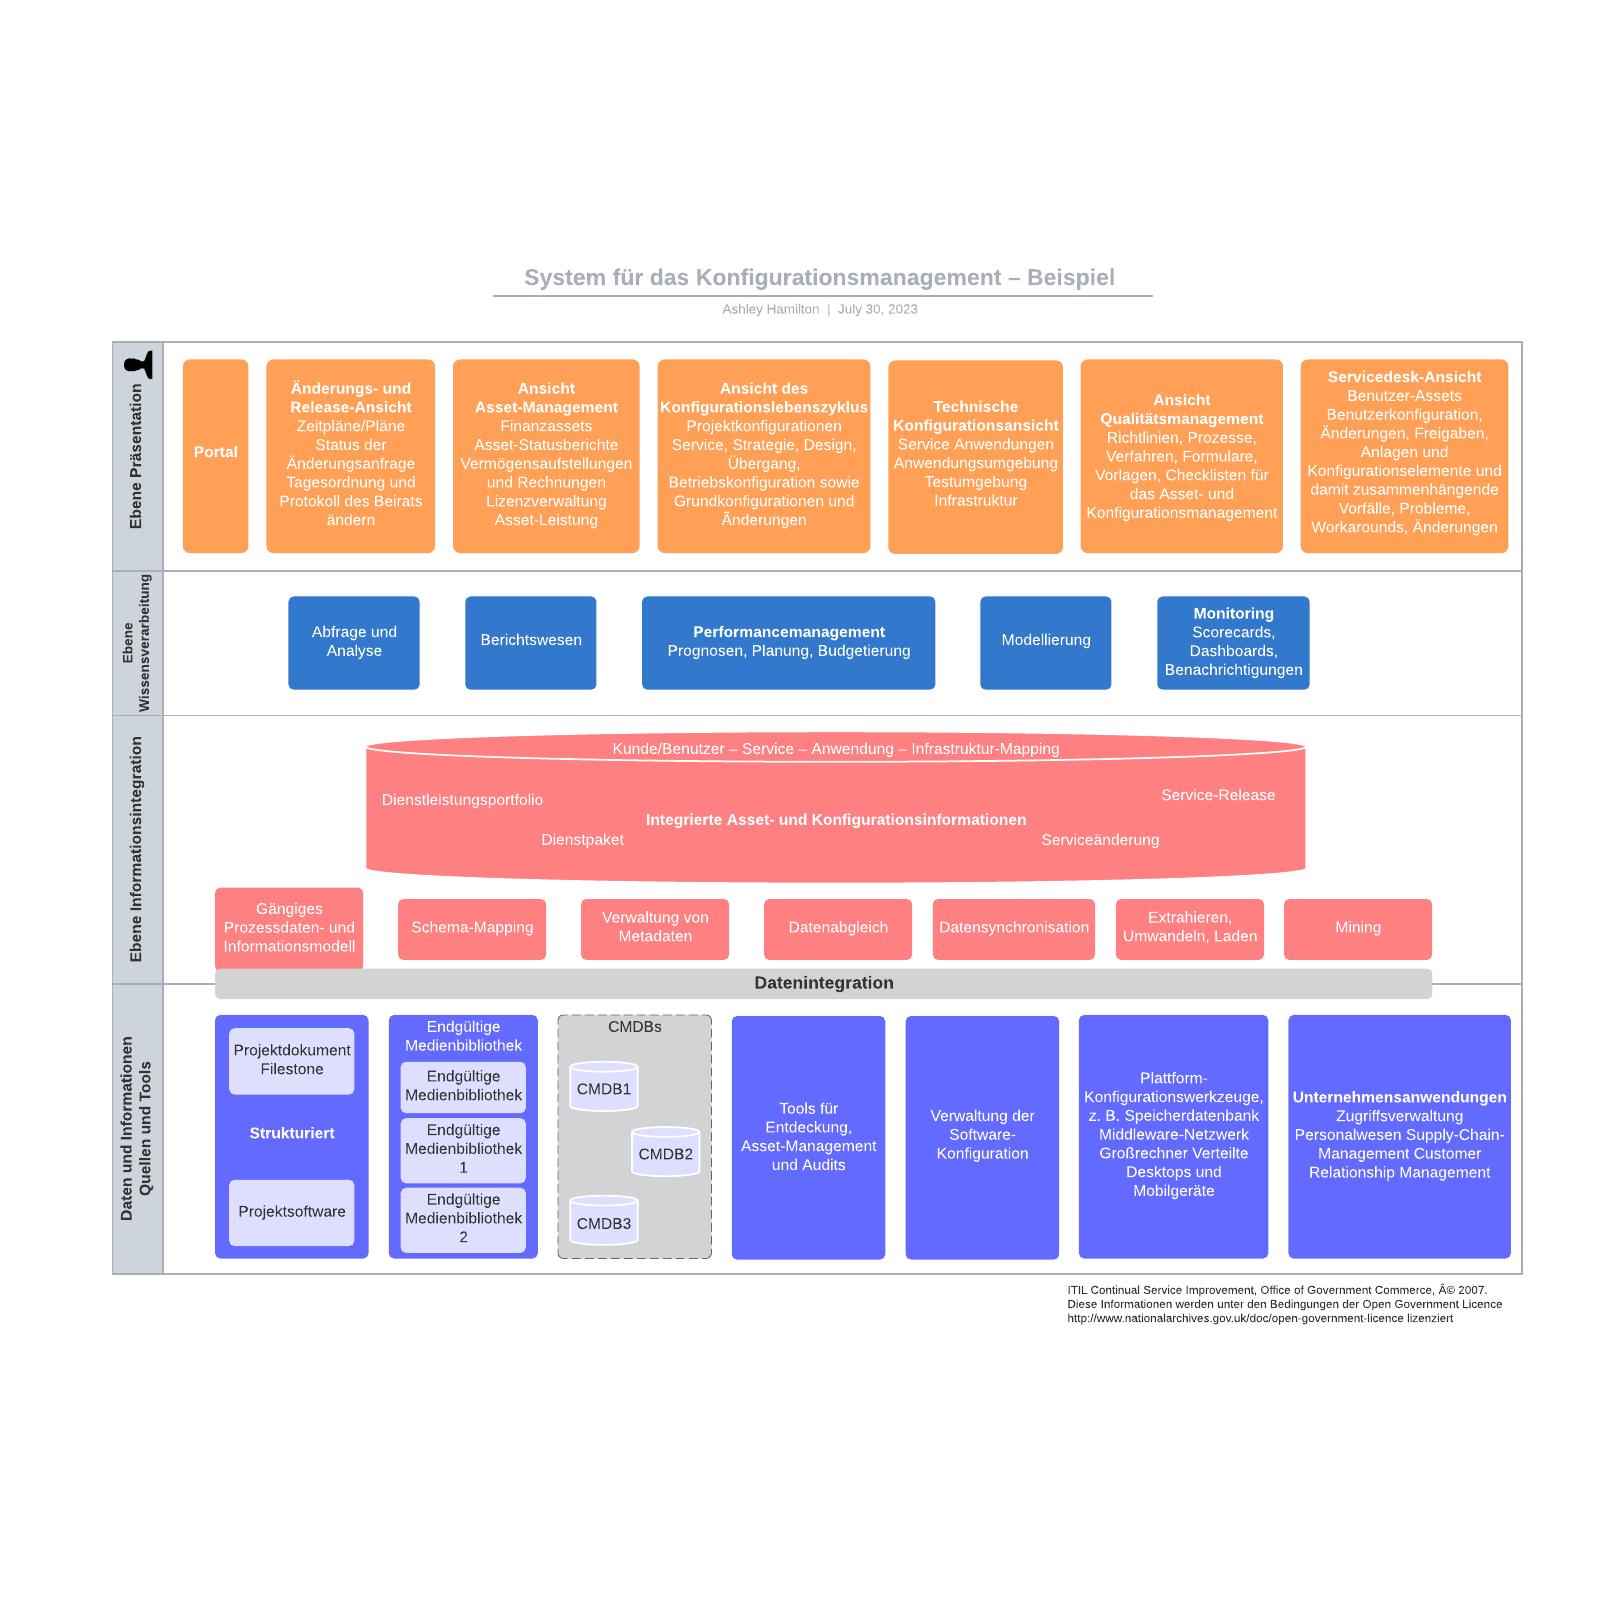 System für das Konfigurationsmanagement– Beispiel